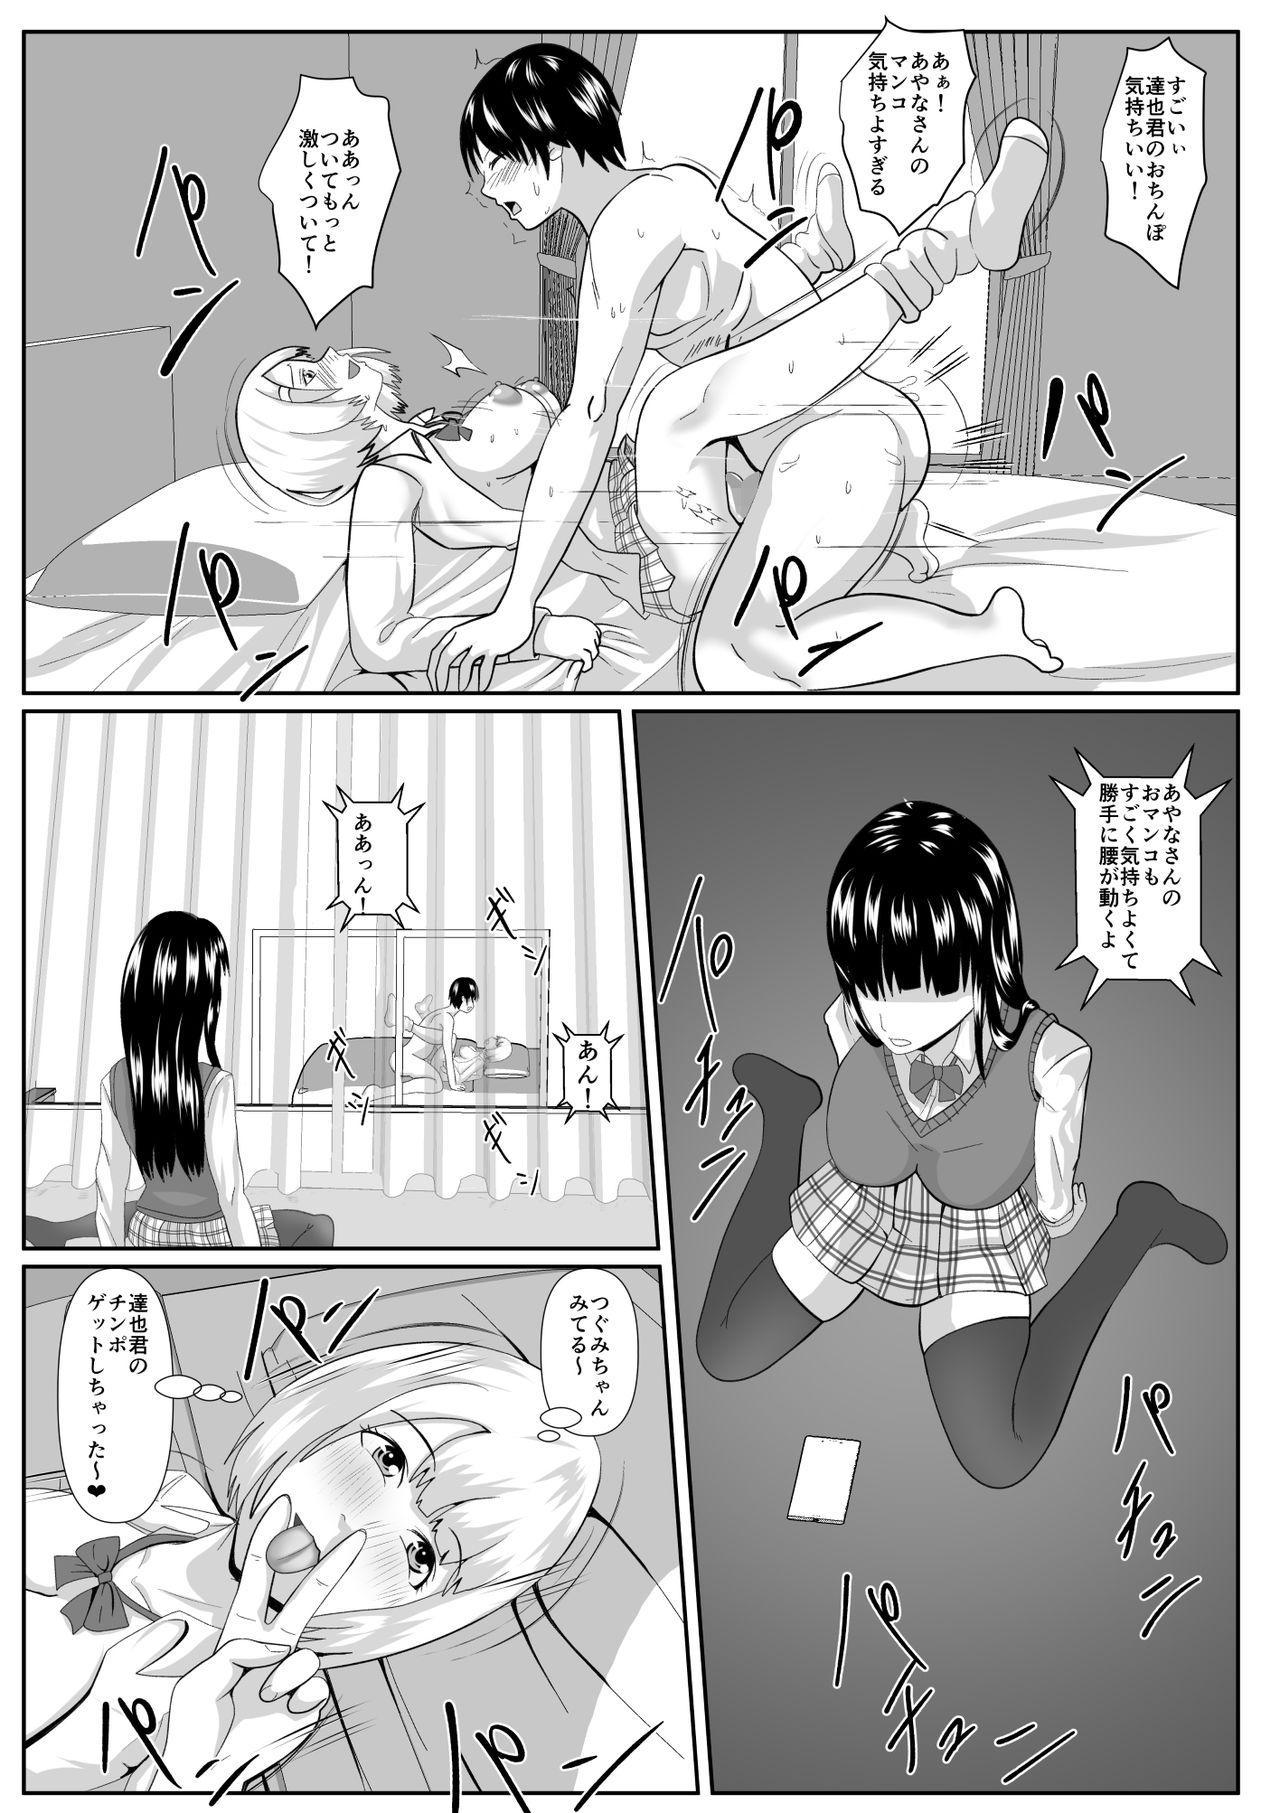 Sakasama 29